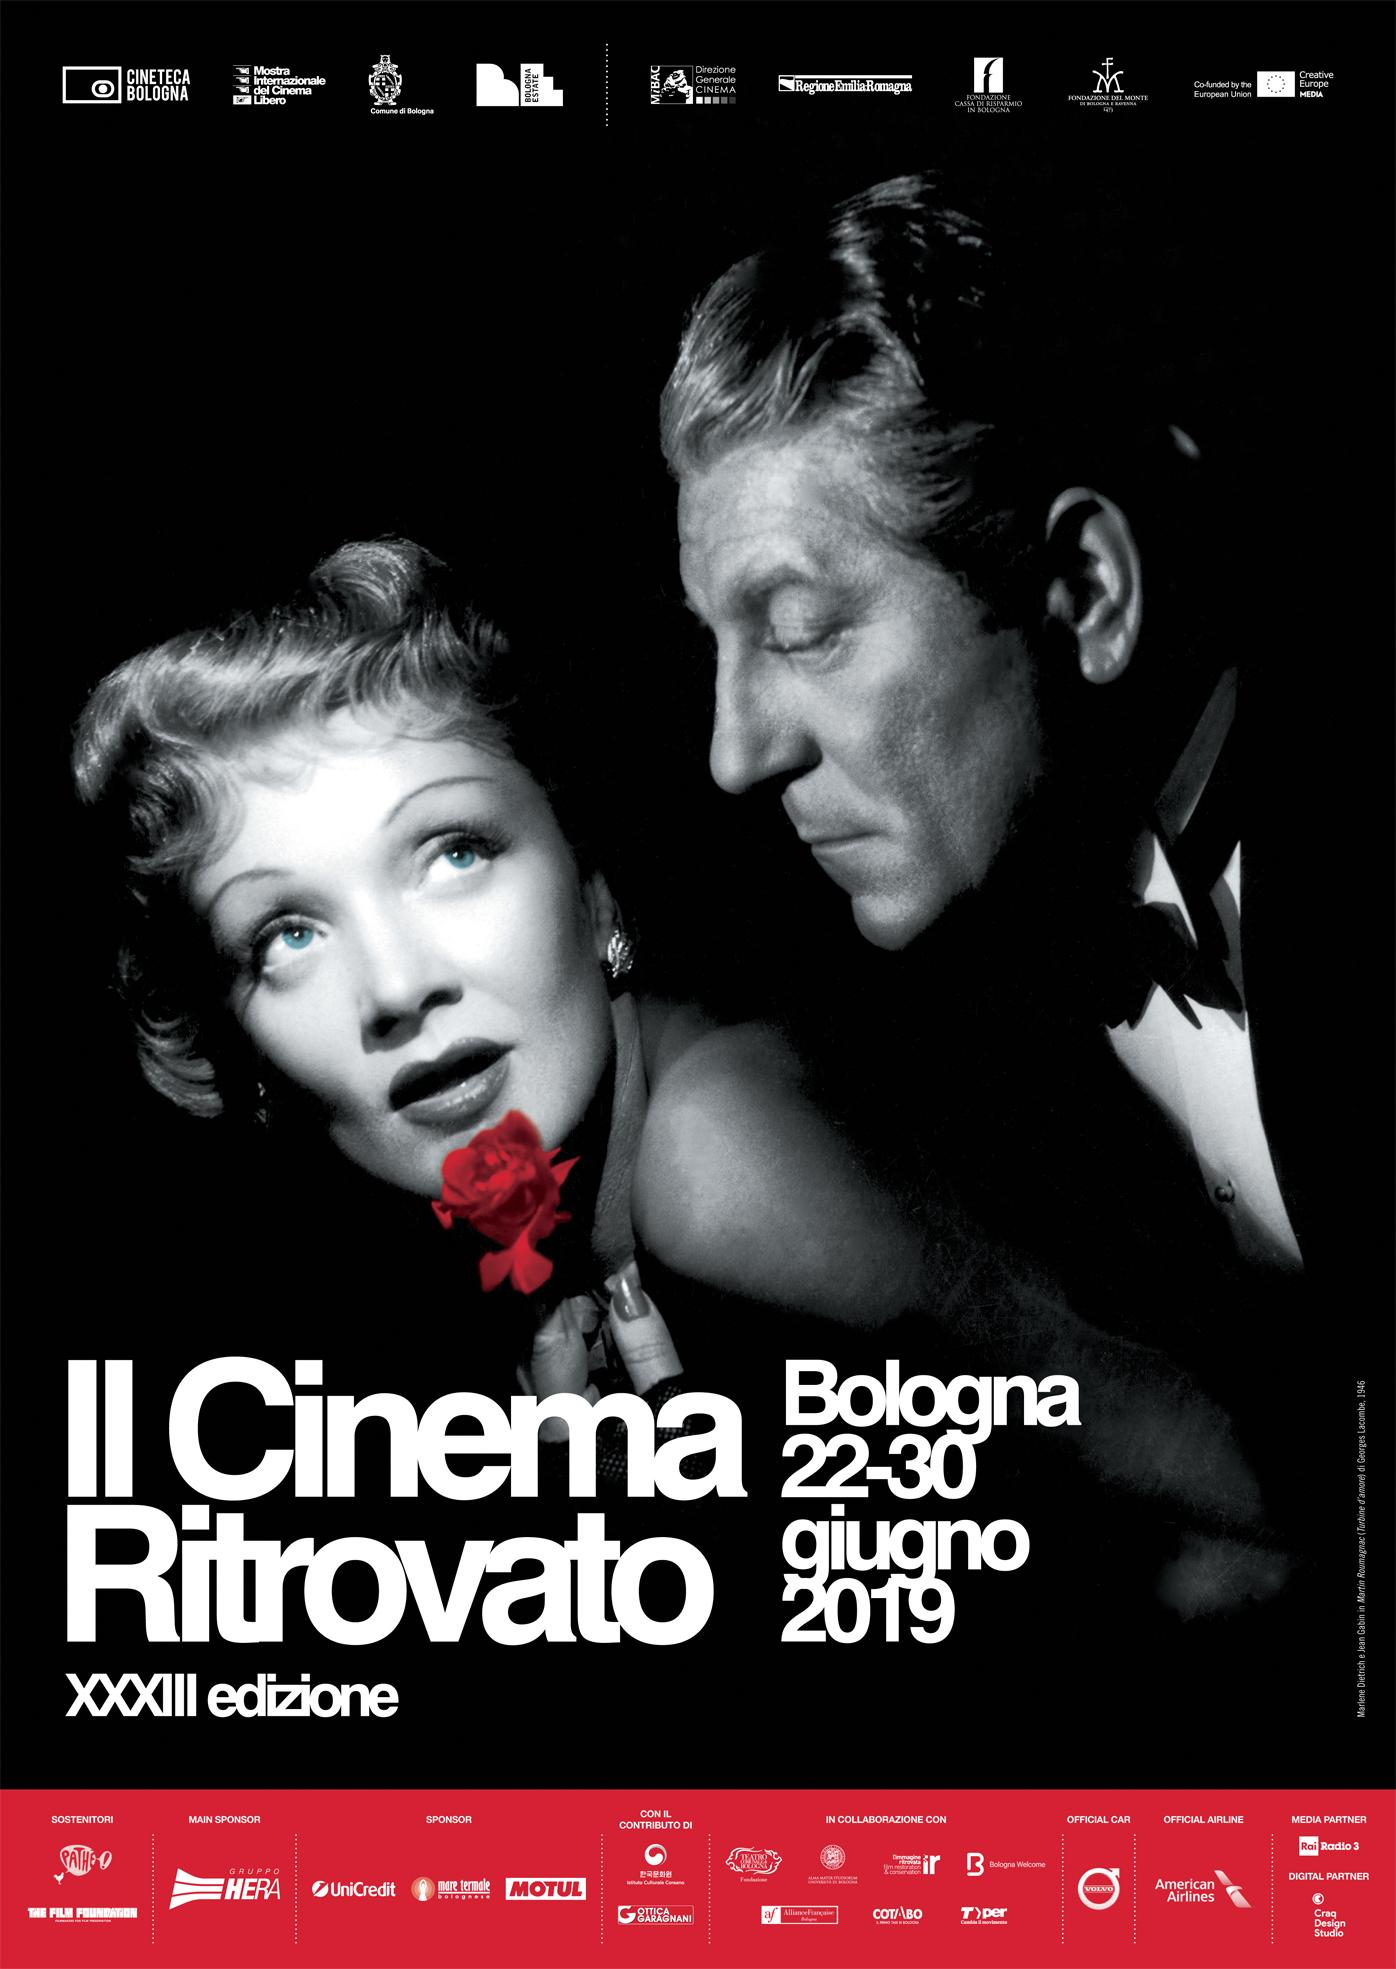 Aspettando Il Cinema Ritrovato: il poster del festival!  Il